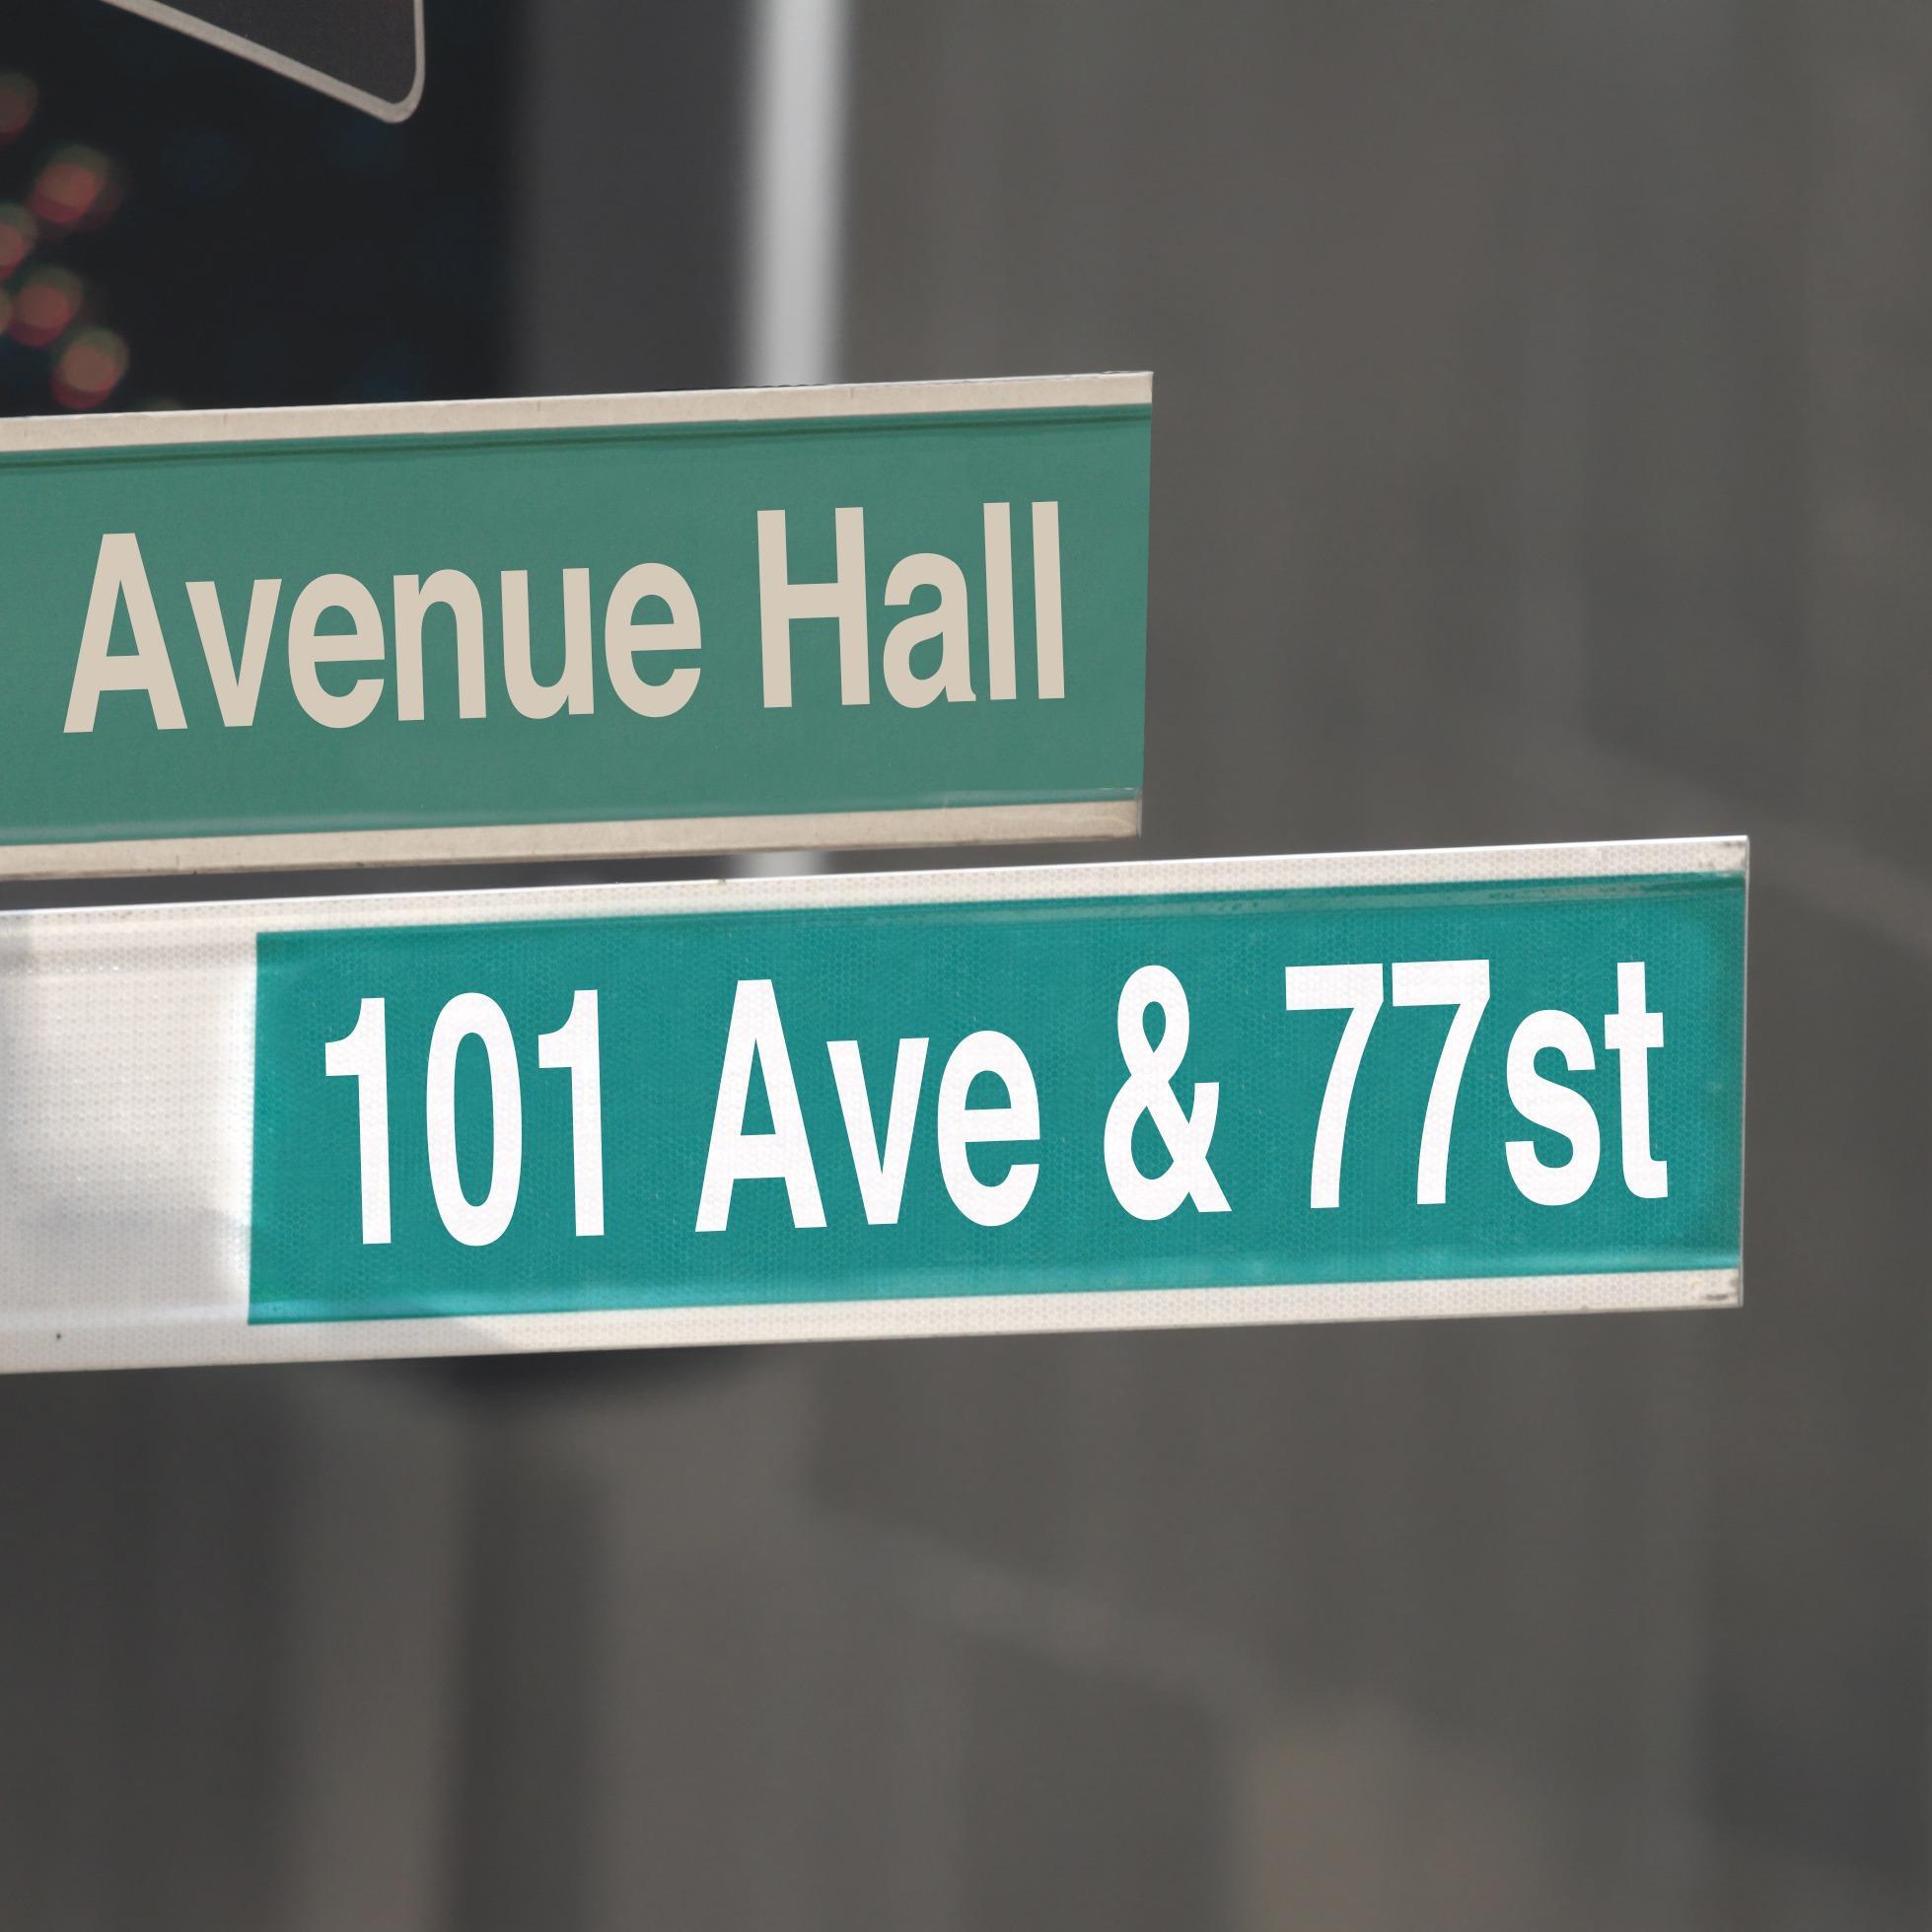 Avenue Hall In Ozone Park Ny 11416 Chamberofcommerce Com